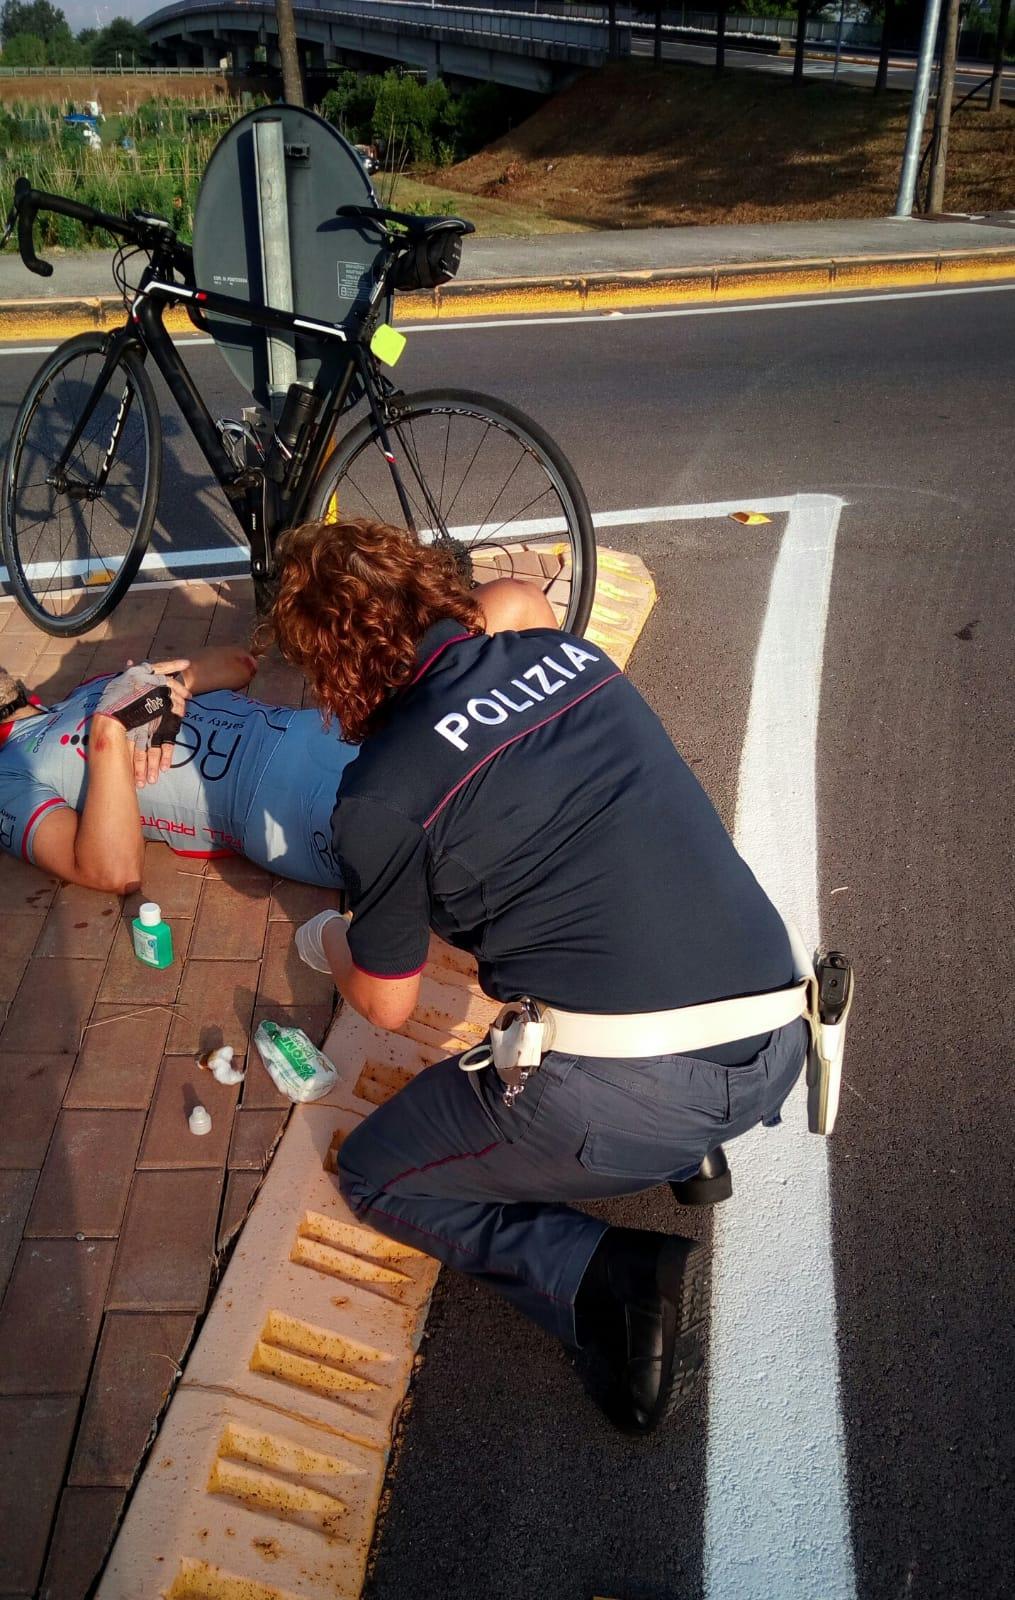 La Polizia soccorre due ciclisti caduti